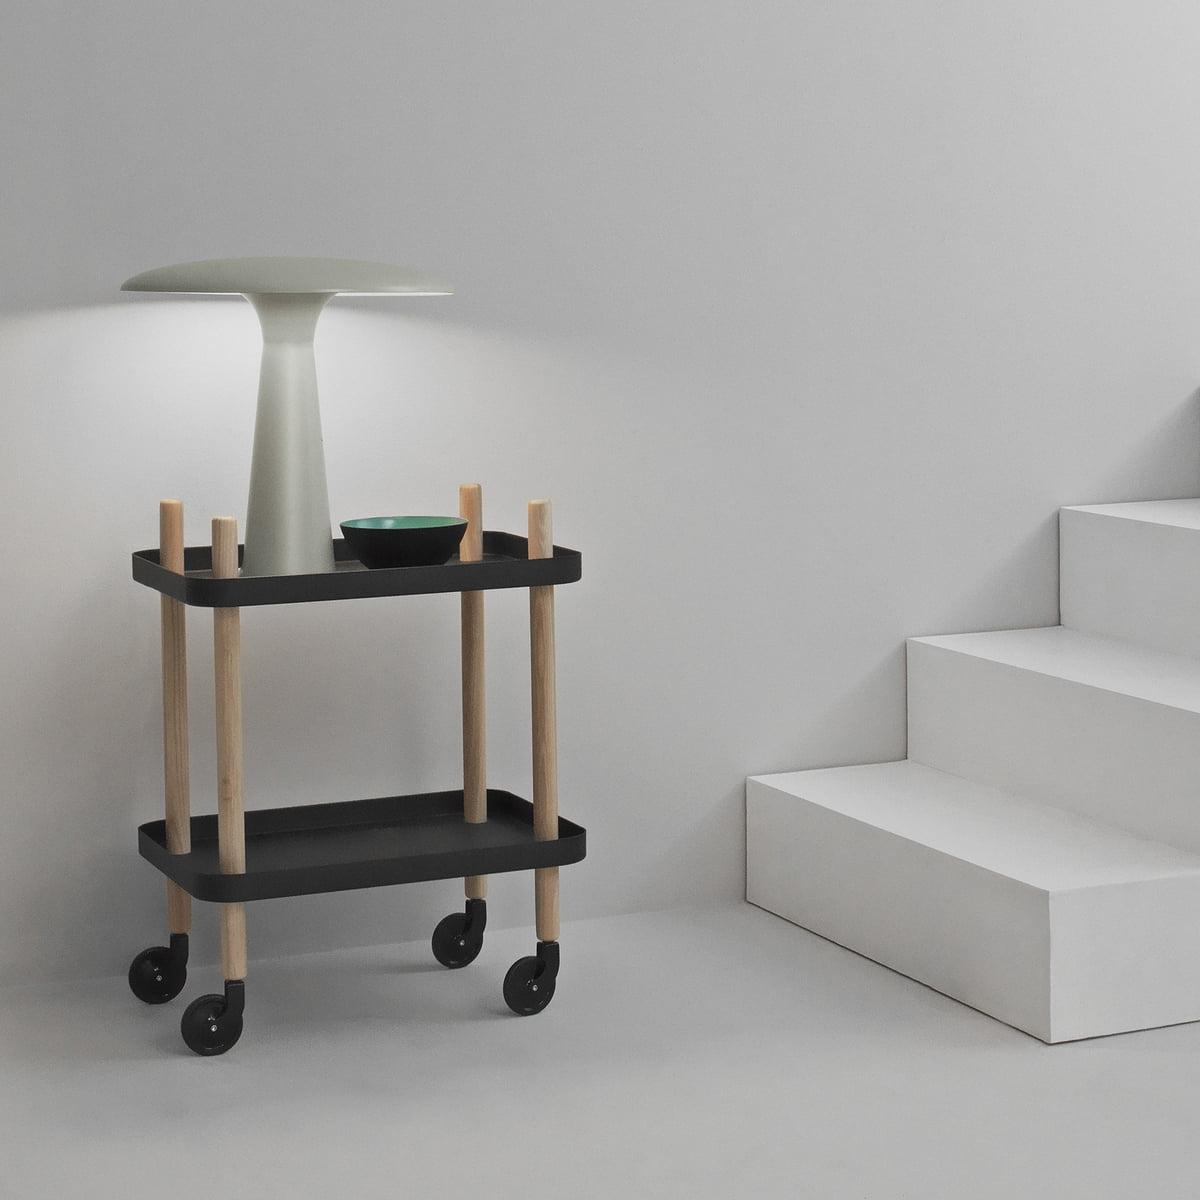 shelter bordlampe fra normann copenhagen. Black Bedroom Furniture Sets. Home Design Ideas